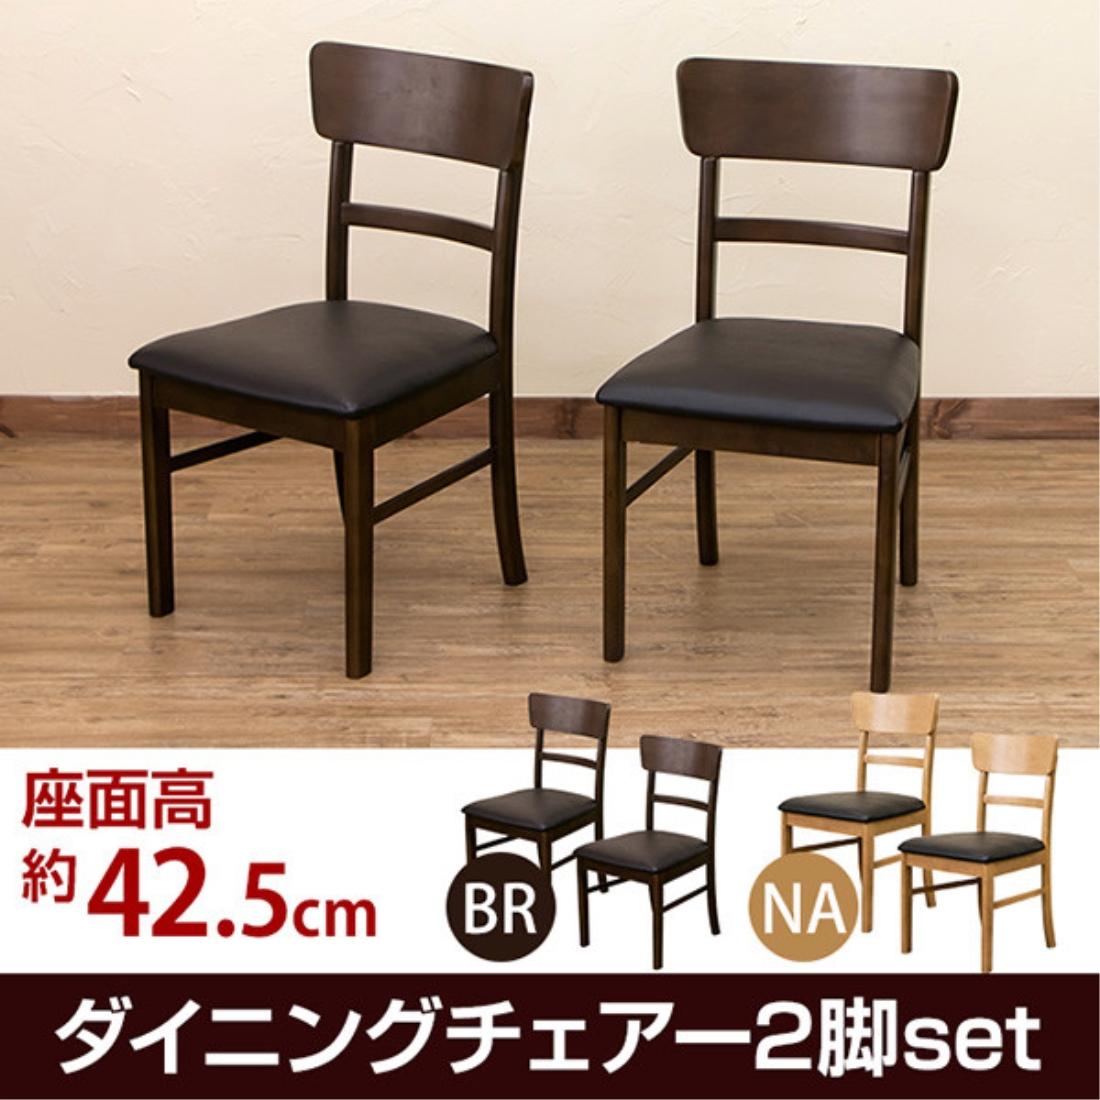 チェアー 椅子 【時間指定不可】ダイニングチェアー 2脚セット